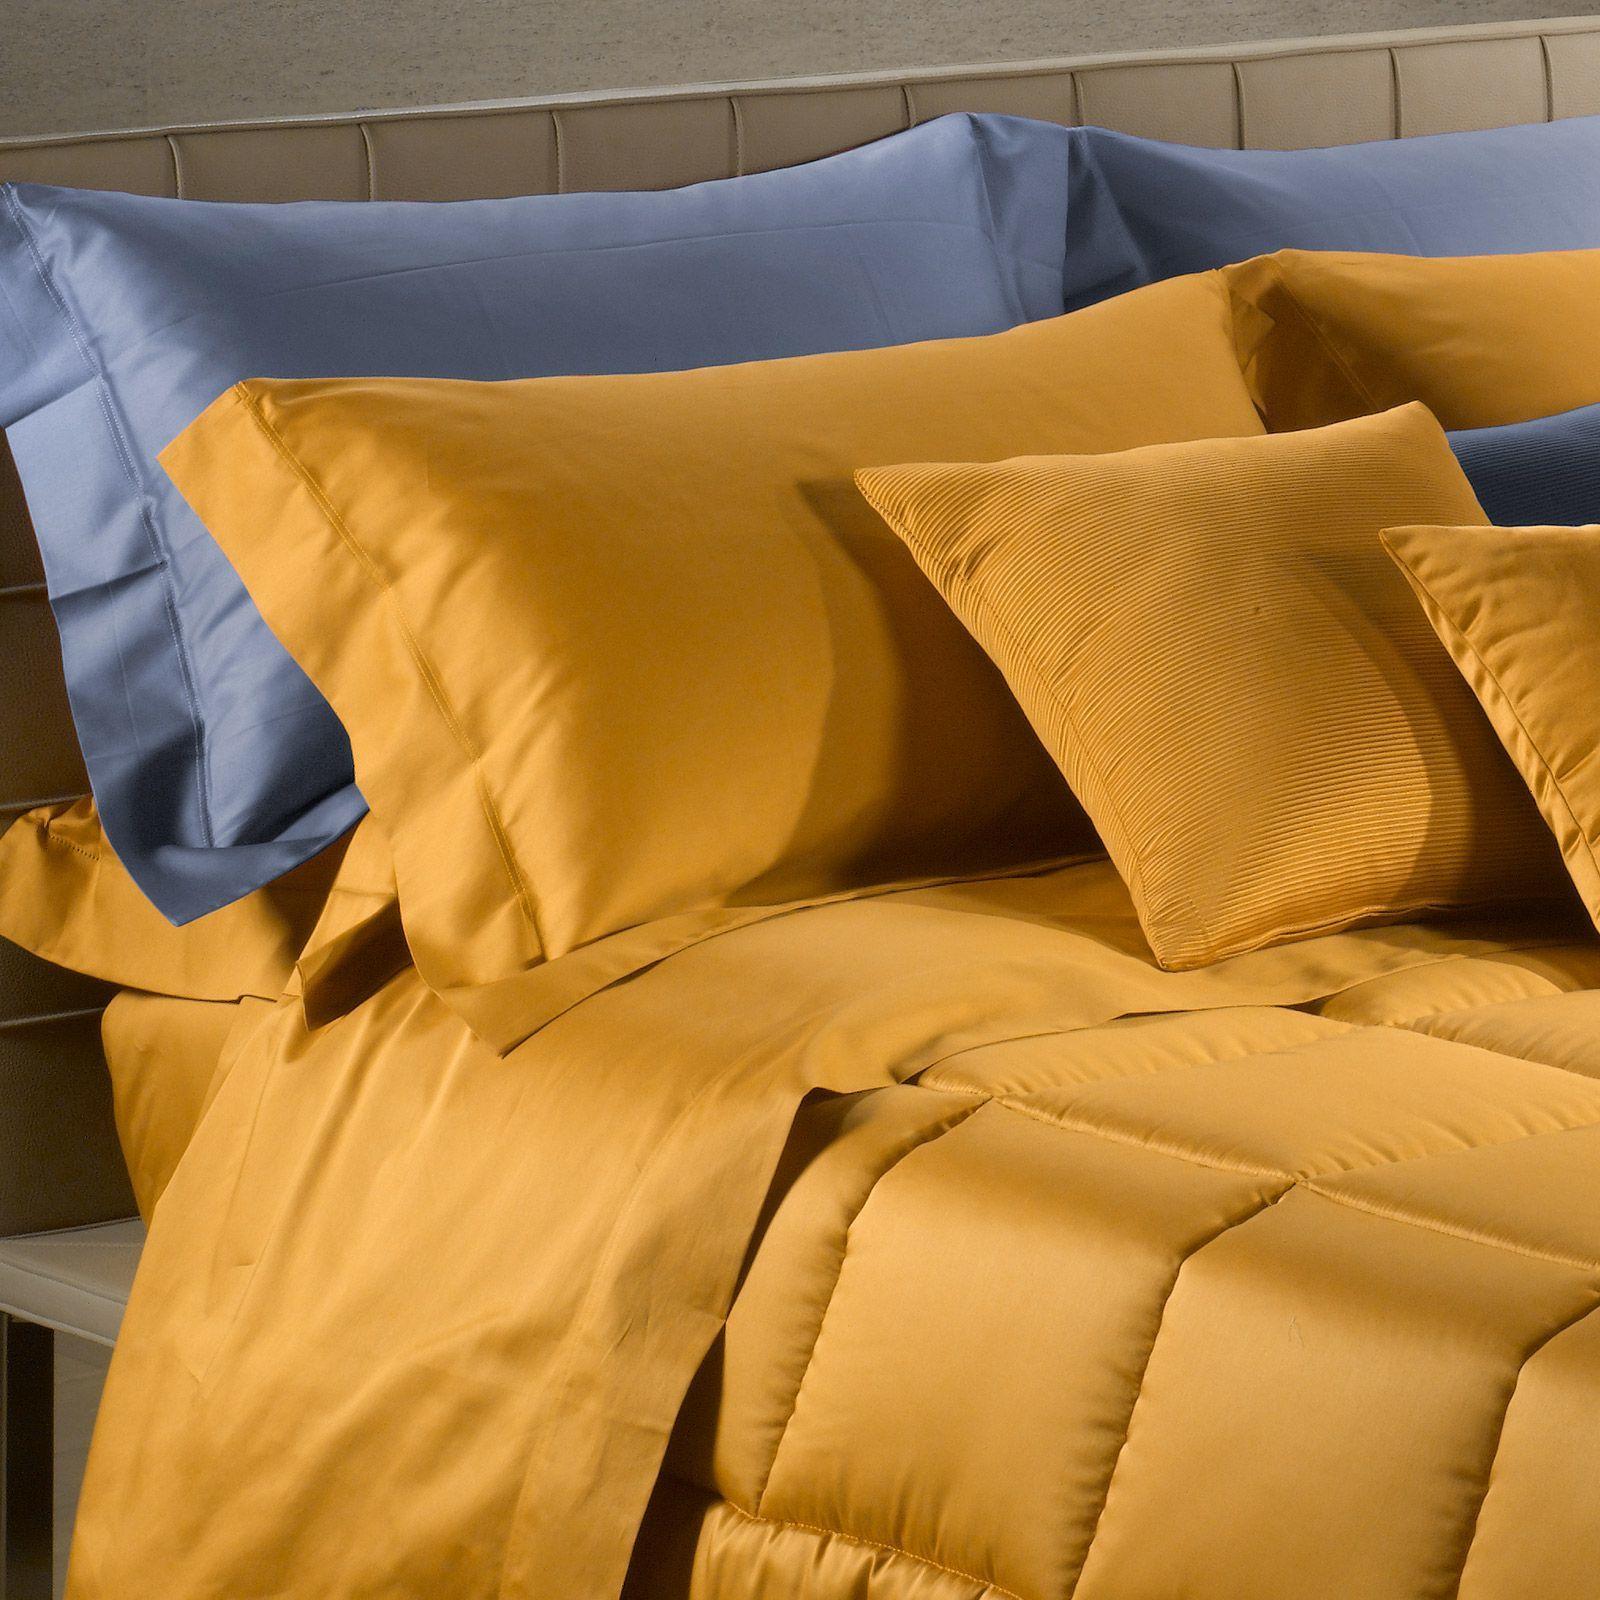 Для сна Наволочки 2шт 70x70 Caleffi Raso Tinta Unito золотые komplekt-navolochek-50x70-caleffi-raso-tinta-unito-zolotoy-italiya.jpg